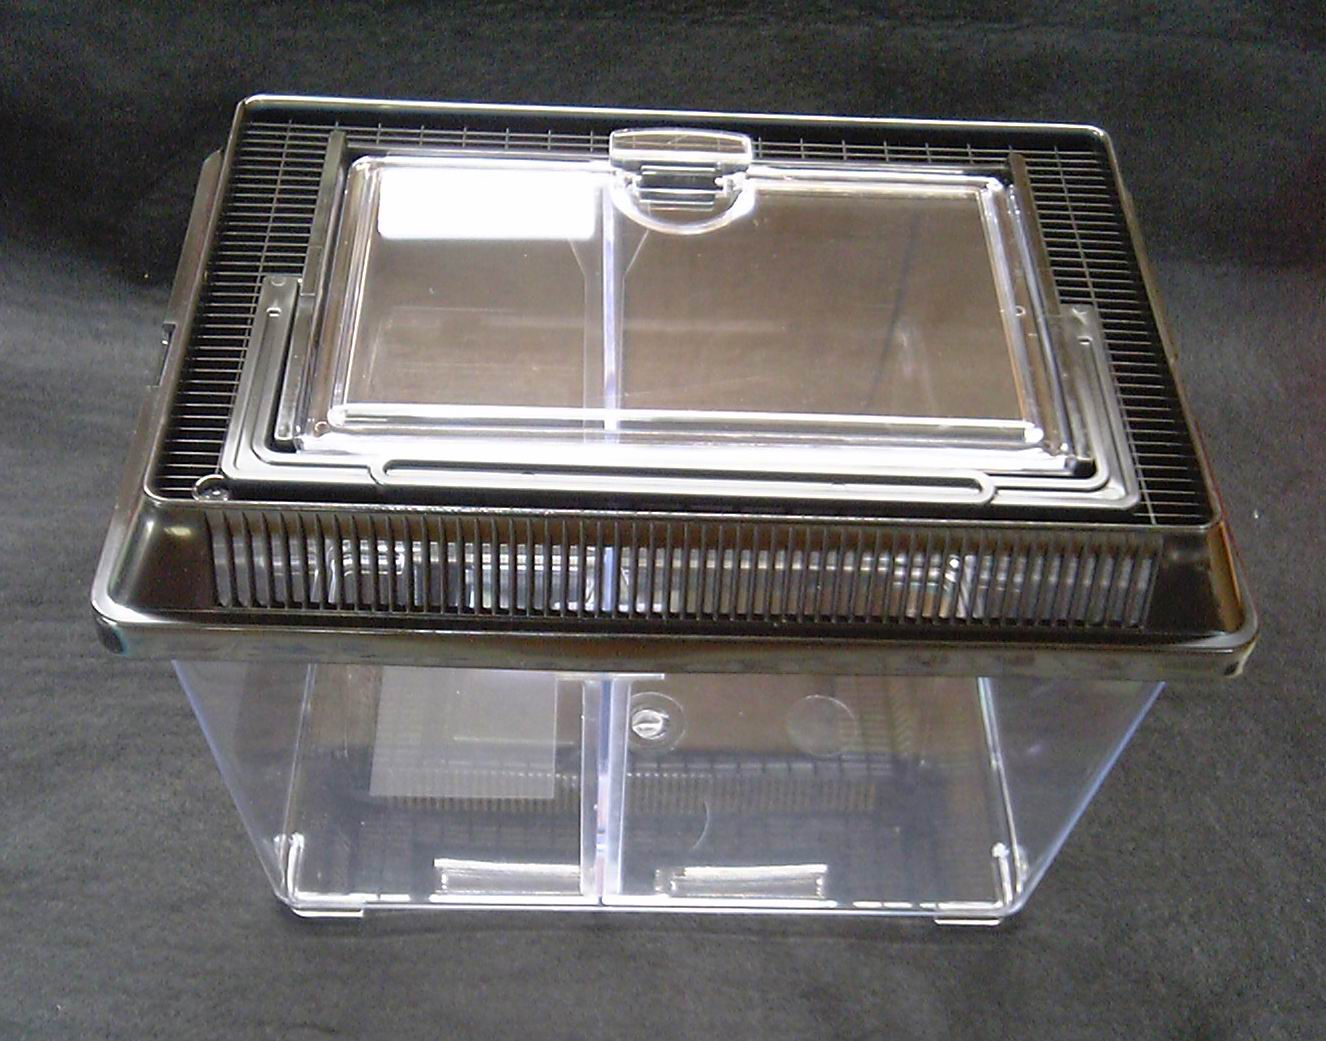 店内全品対象 多目的飼育 移動可能 仕切り板付き飼育ケース S小型 ×12個セット 全国一律送料無料